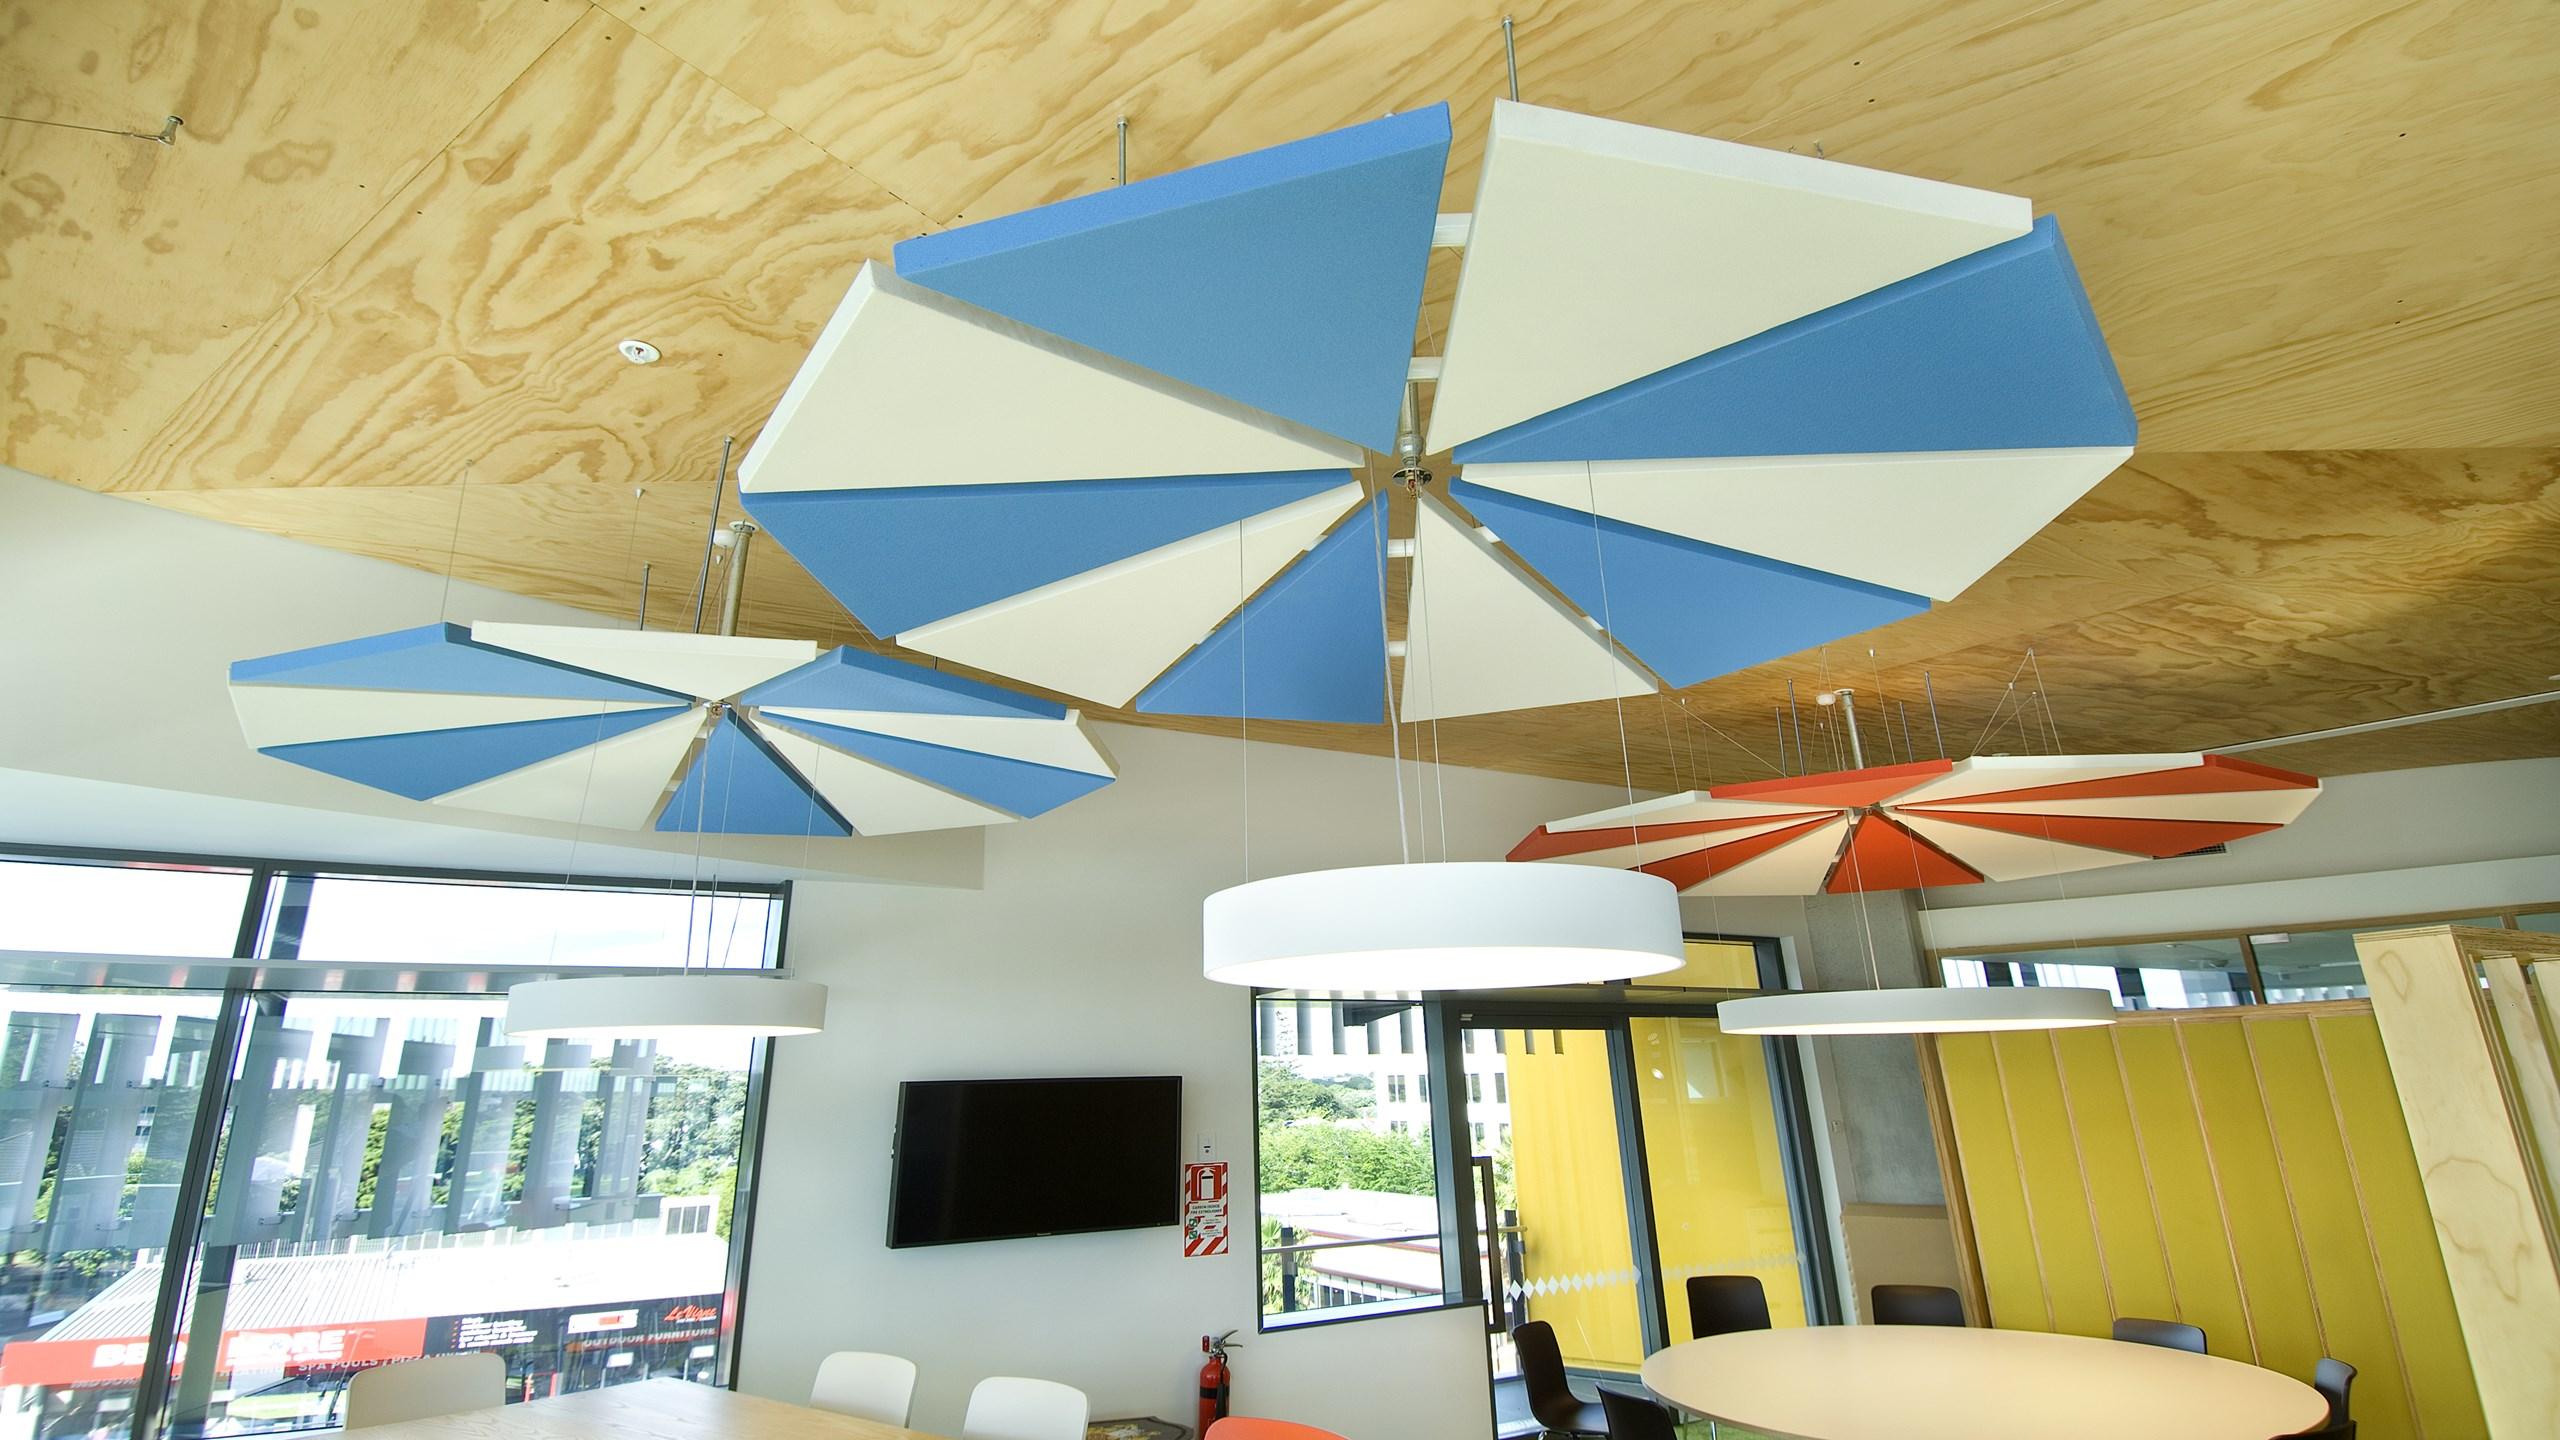 ASB Greenlane Regional Centre - Triton Sound shapes, Triangles